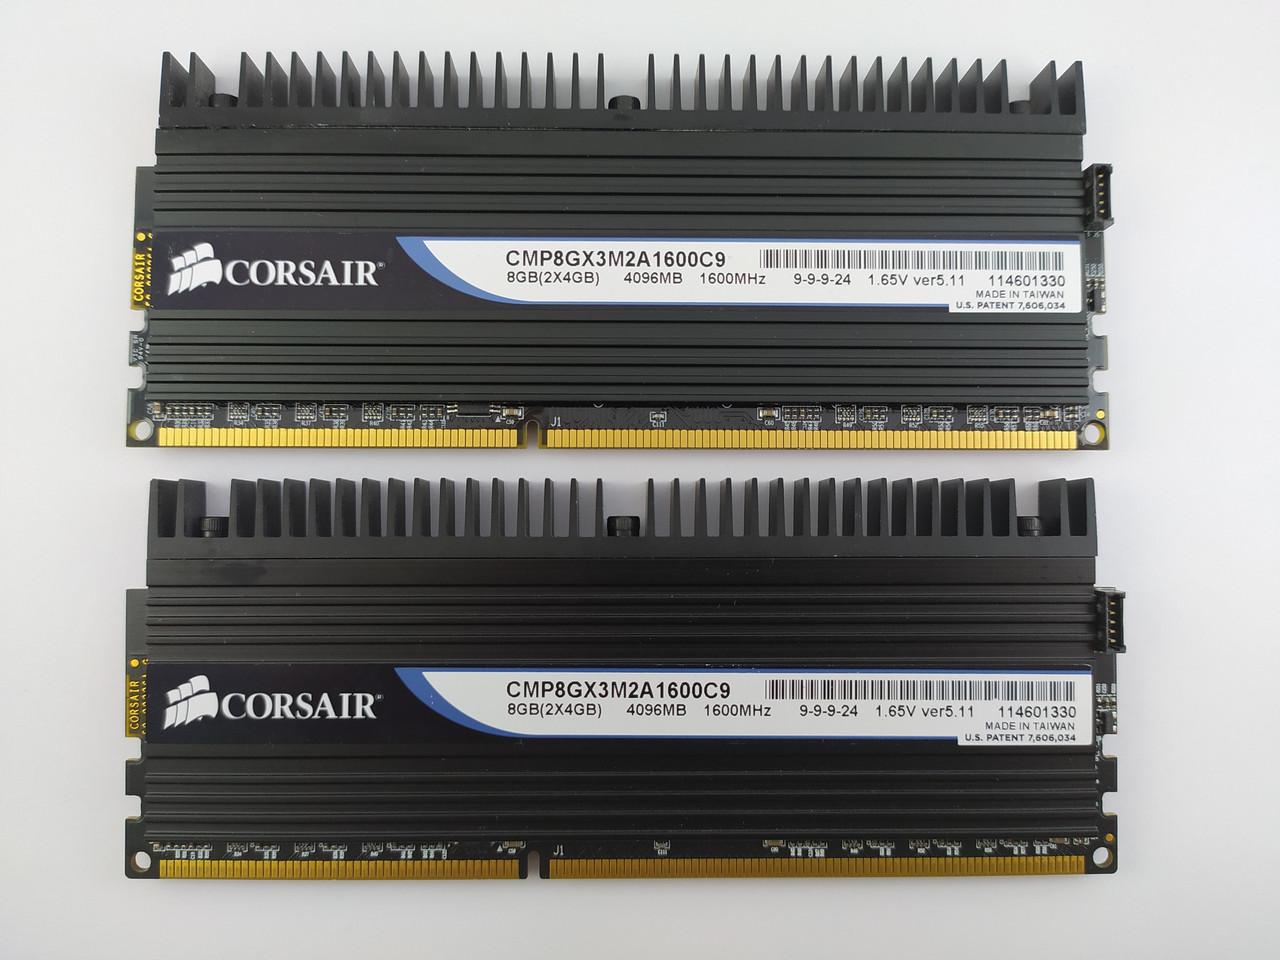 Комплект оперативной памяти Corsair Dominator DDR3 8Gb (2*4Gb) 1600MHz PC3-12800 (CMP8GX3M2A1600C9) Б/У